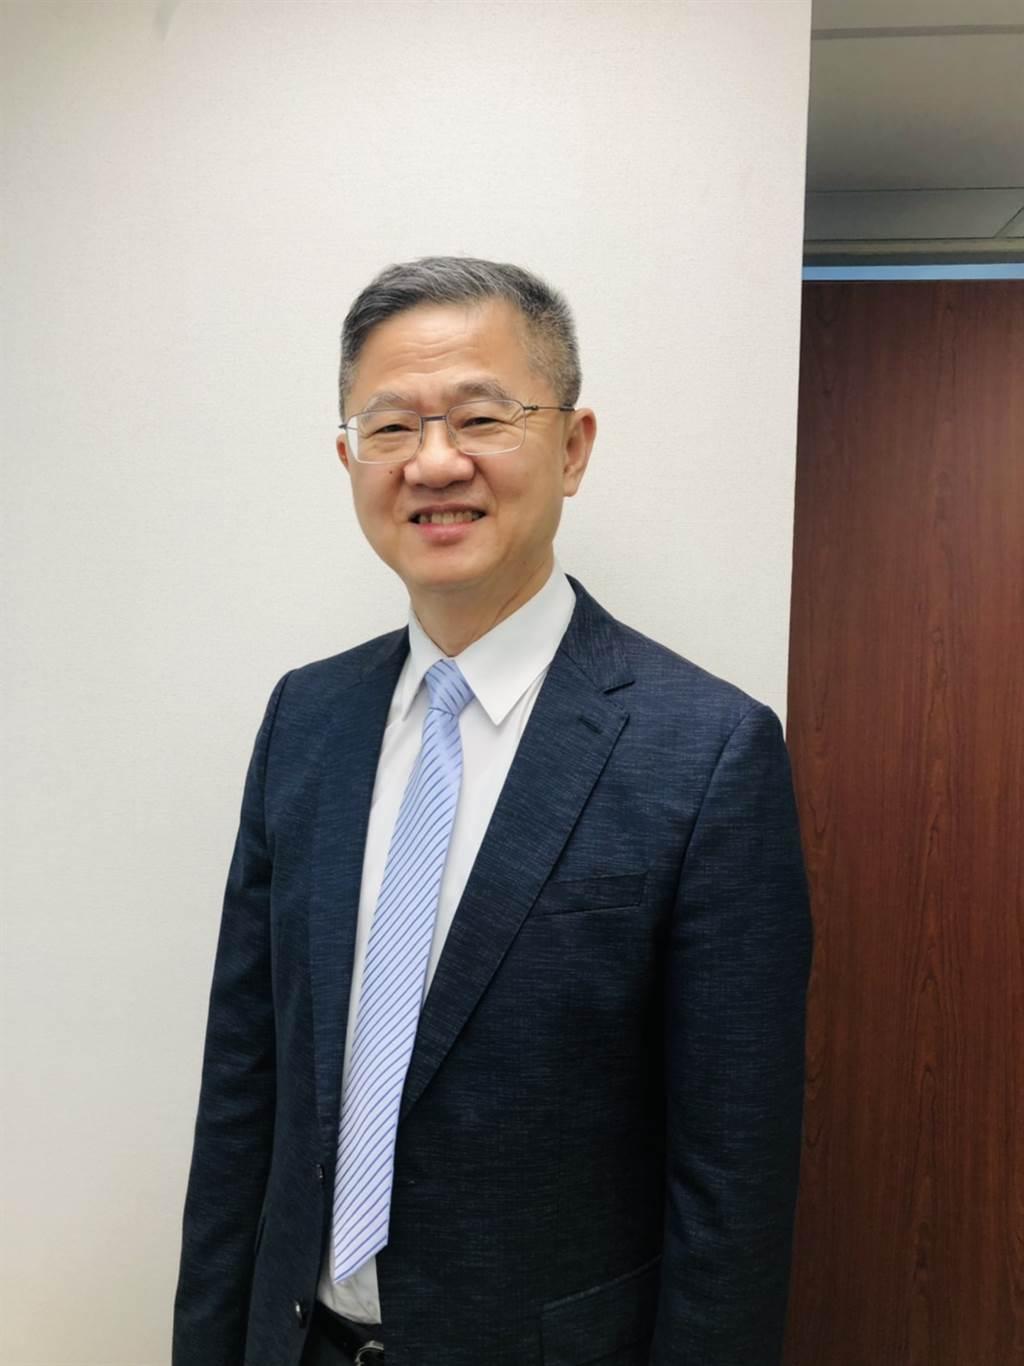 台灣運彩總經理林博泰